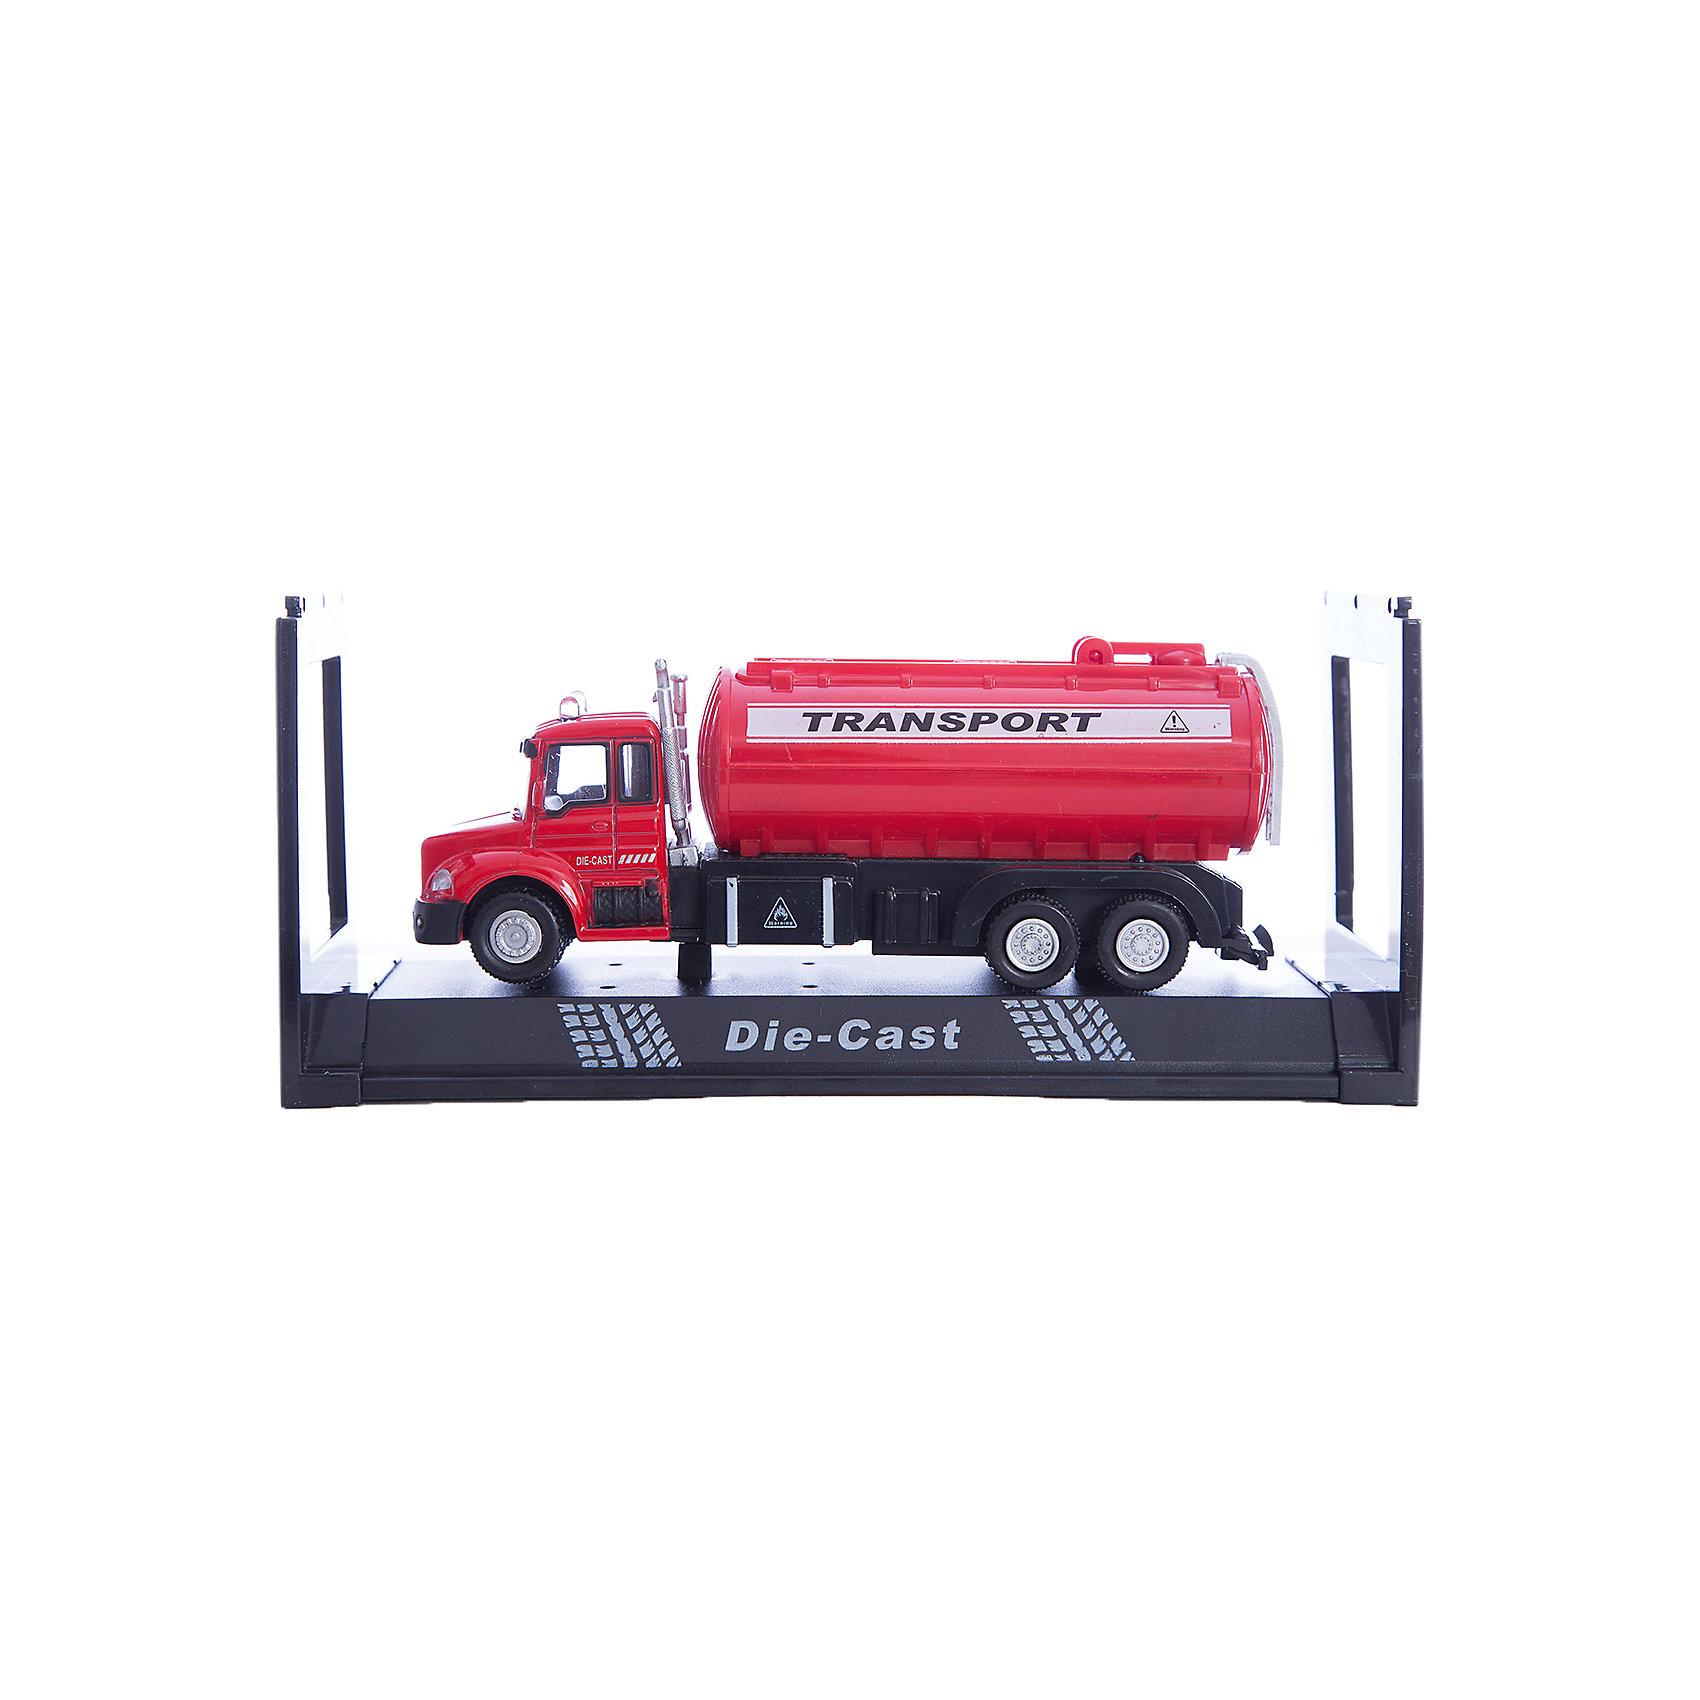 Машинка Tank Wagon Truck цистерна 1:48, AutotimeМашинки<br>Характеристики товара:<br><br>• цвет: красный, желтый<br>• возраст: от 3 лет<br>• материал: металл, пластик<br>• масштаб: 1:48<br>• колеса вращаются<br>• размер упаковки: 16х6х7 см<br>• вес с упаковкой: 100 г<br>• страна бренда: Россия, Китай<br>• страна изготовитель: Китай<br><br>Такая отлично детализированная машинка является коллекционной моделью. Окна - прозрачные, поэтому через них можно увидеть салон.<br><br>Сделана машинка из прочного и безопасного материала. Модель с цистерной.<br><br>Машинку «Tank Wagon Truck» цистерна 1:48, Autotime (Автотайм) можно купить в нашем интернет-магазине.<br><br>Ширина мм: 165<br>Глубина мм: 57<br>Высота мм: 75<br>Вес г: 13<br>Возраст от месяцев: 36<br>Возраст до месяцев: 2147483647<br>Пол: Мужской<br>Возраст: Детский<br>SKU: 5584054